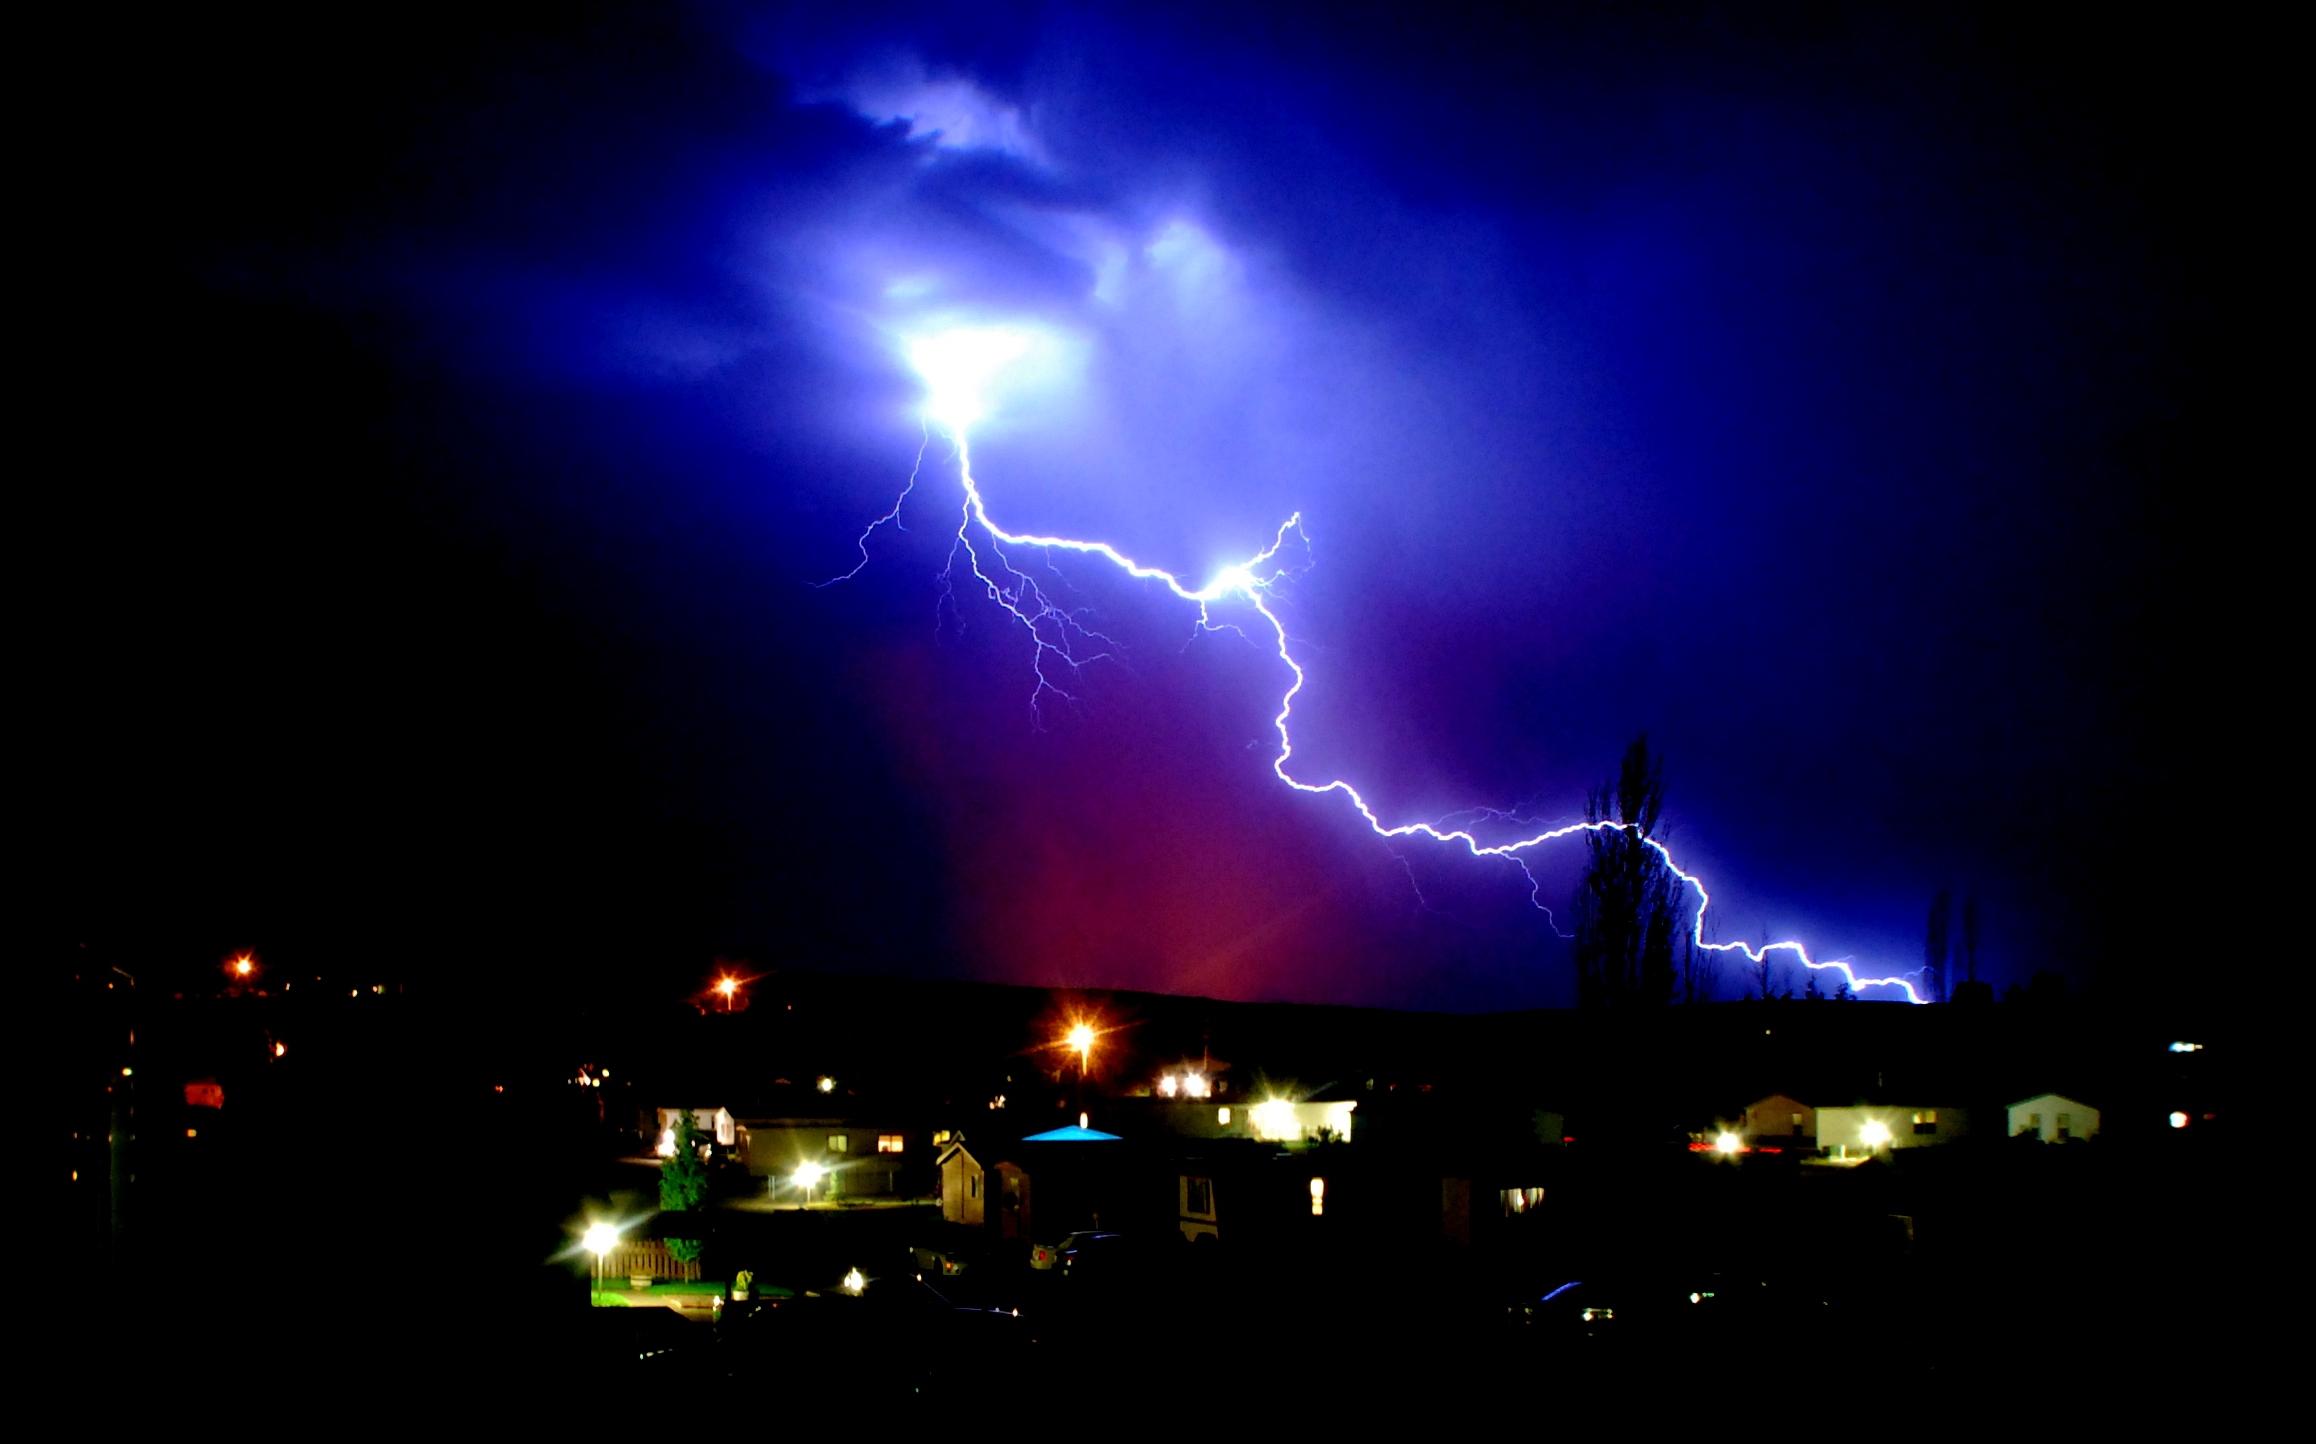 классные фото молния в ночном небе средний сын тоже